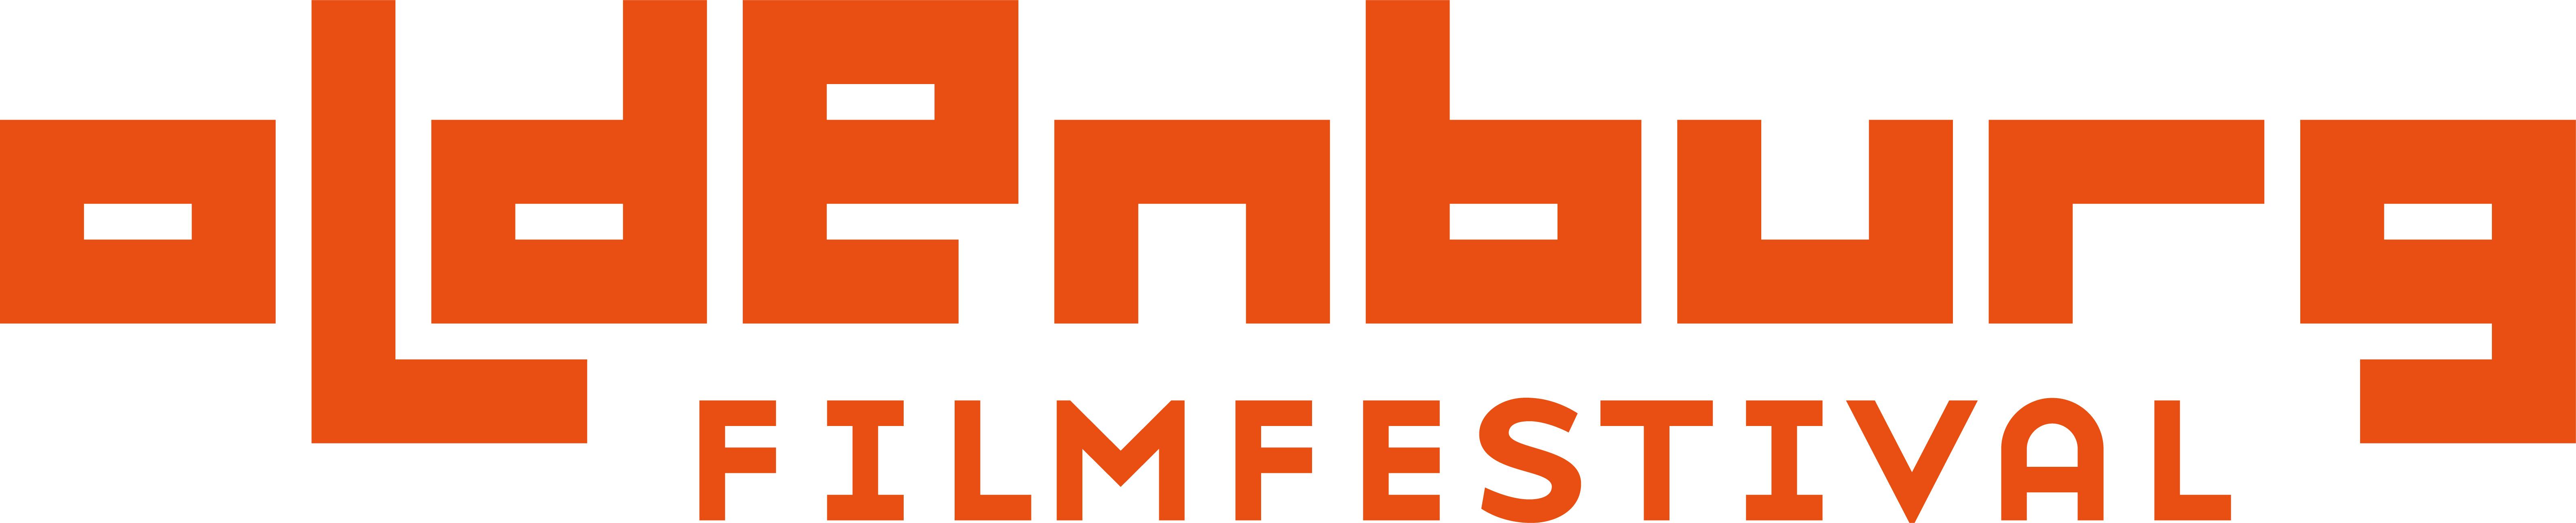 27th Oldenburg International Film Festival, September 16-20, 2020